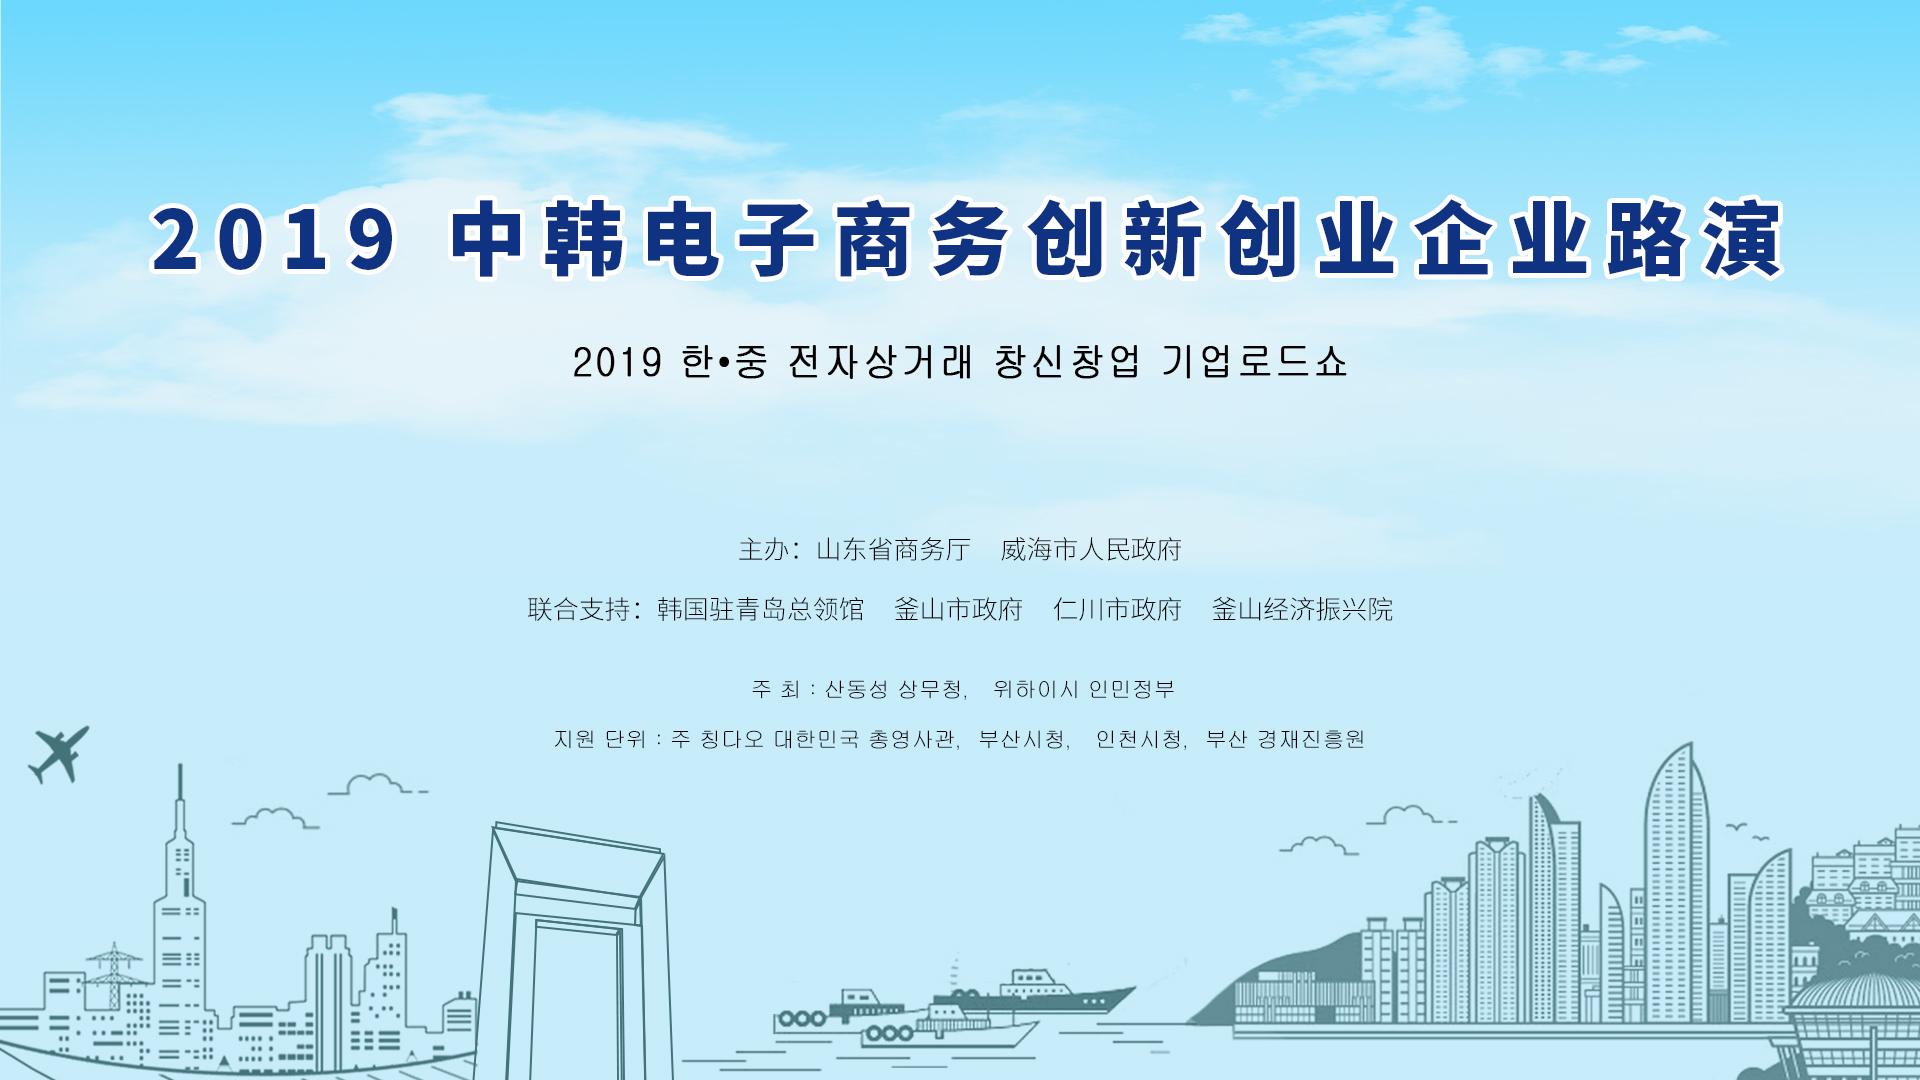 2019韓國經濟_韓國優勢產業是什么 唯有造船產業光環籠罩